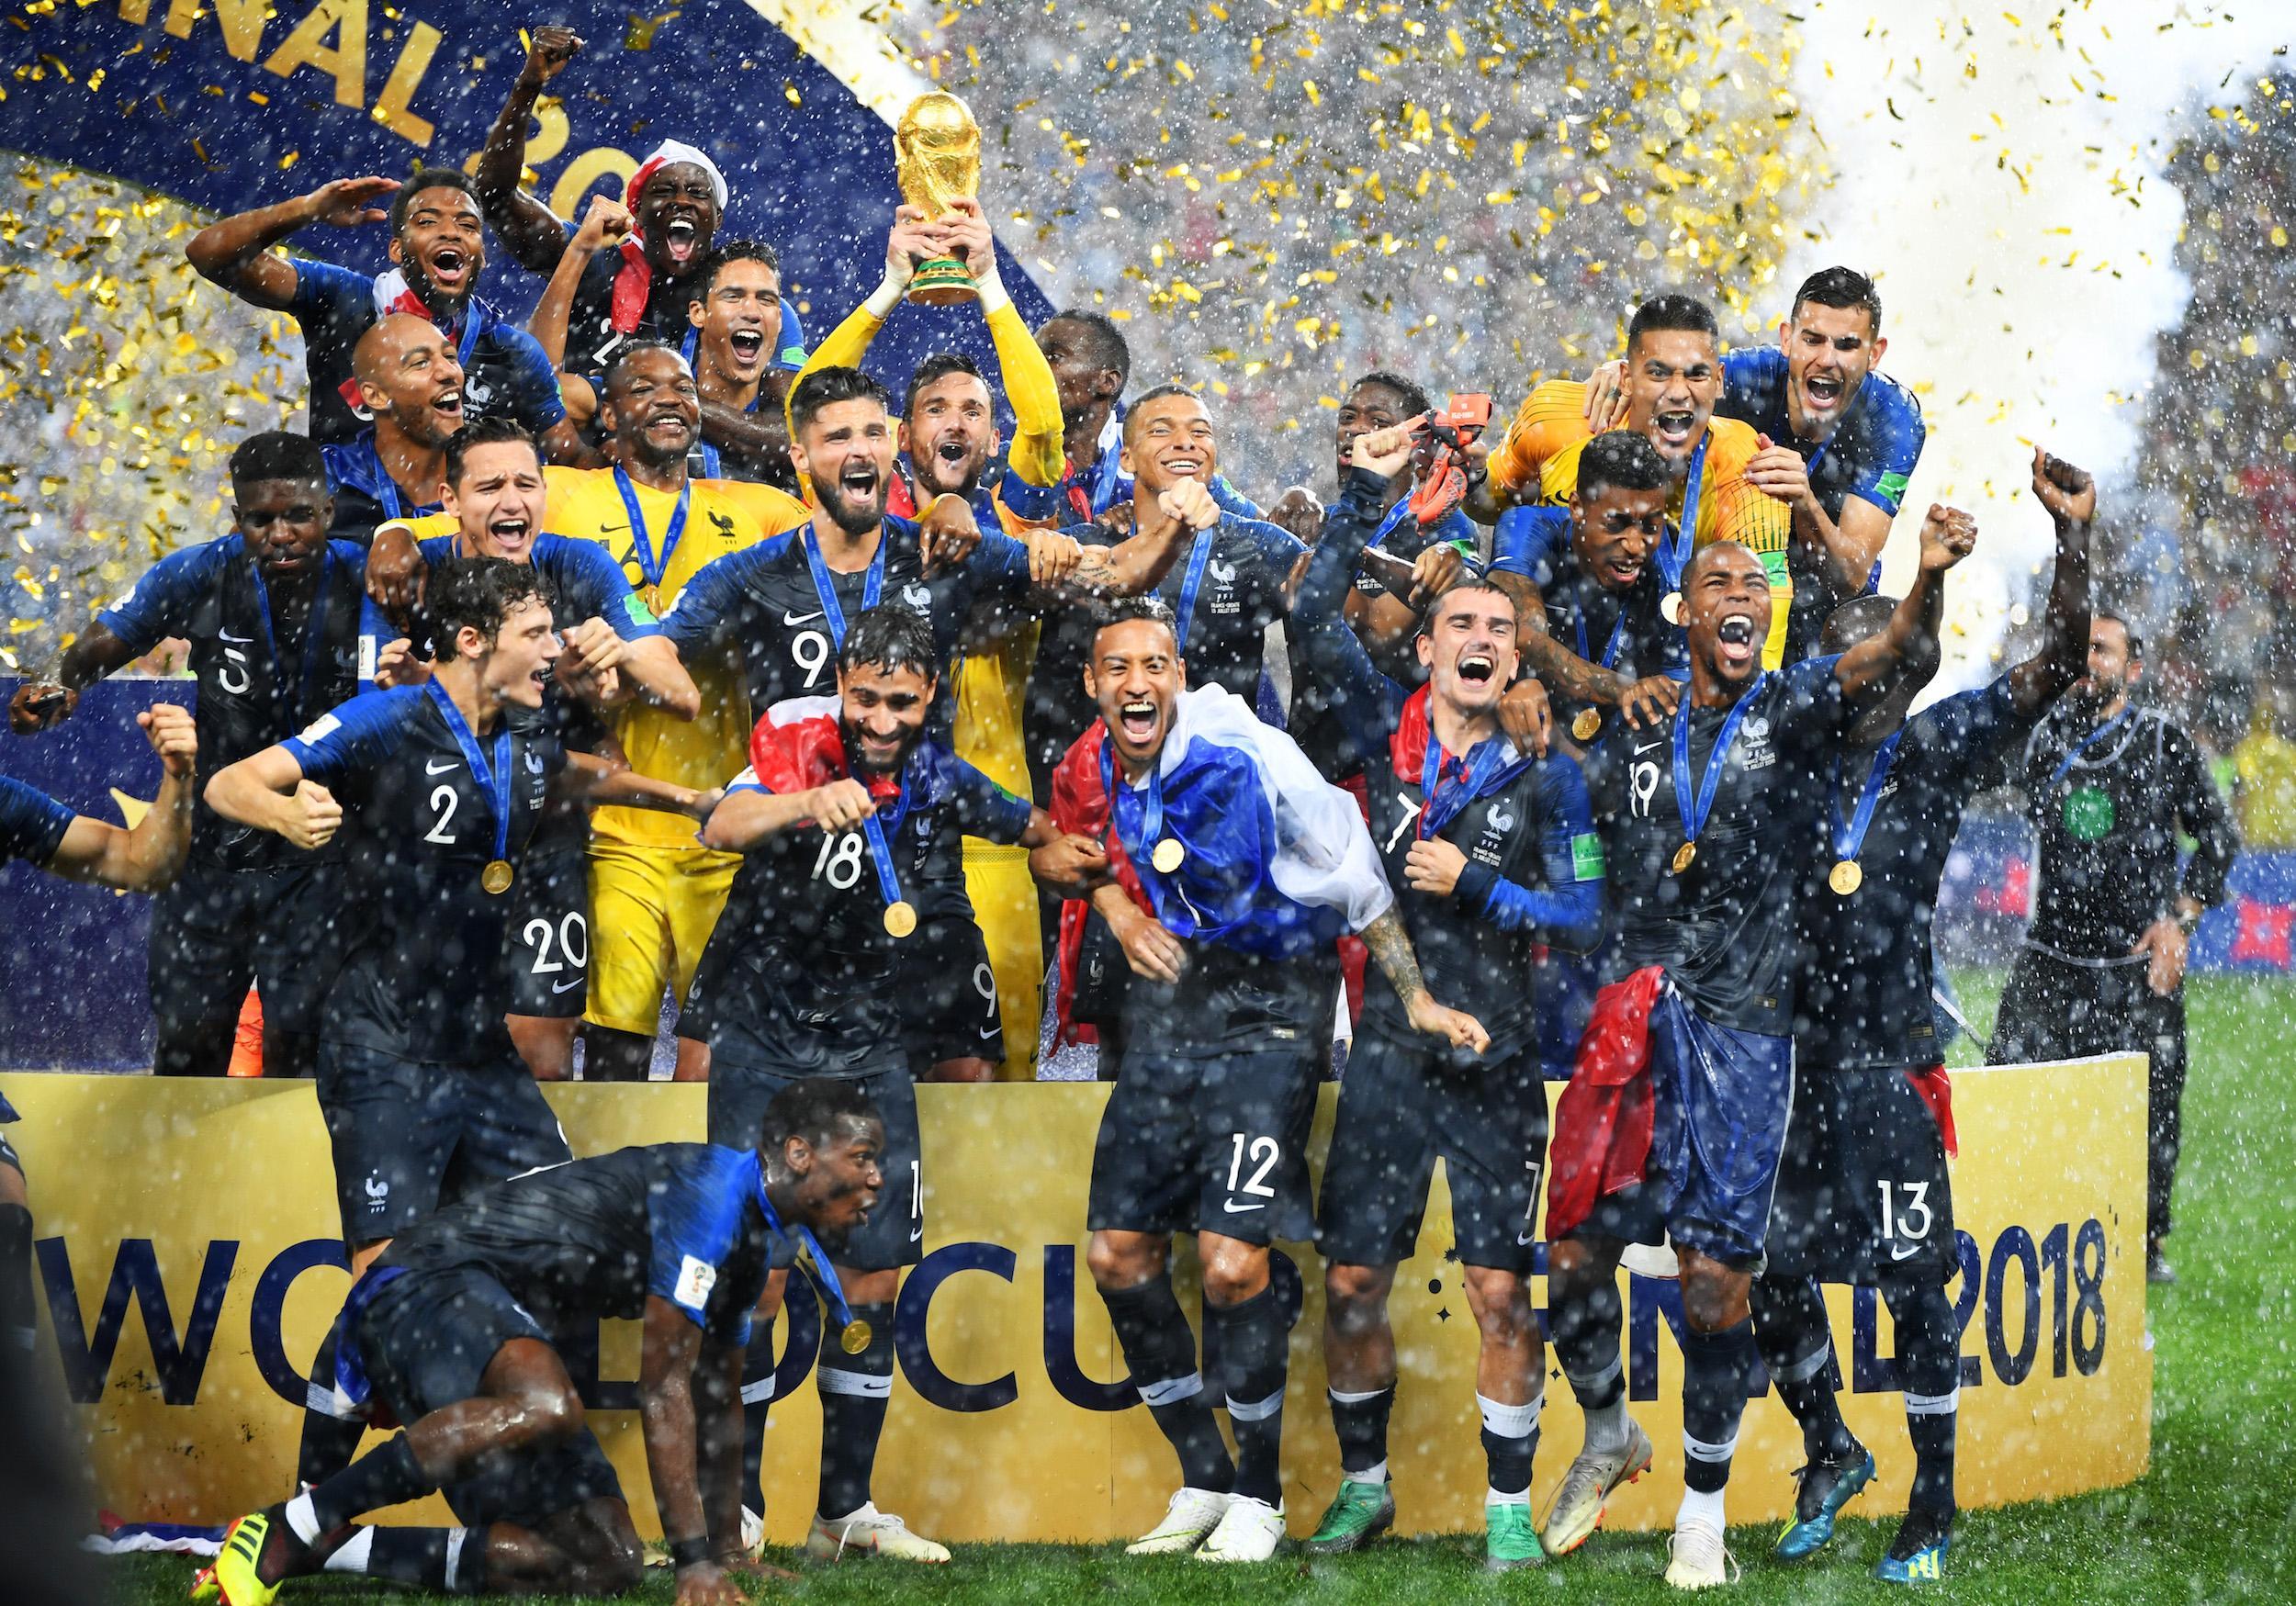 Un an après, revivez en images la victoire des Bleus